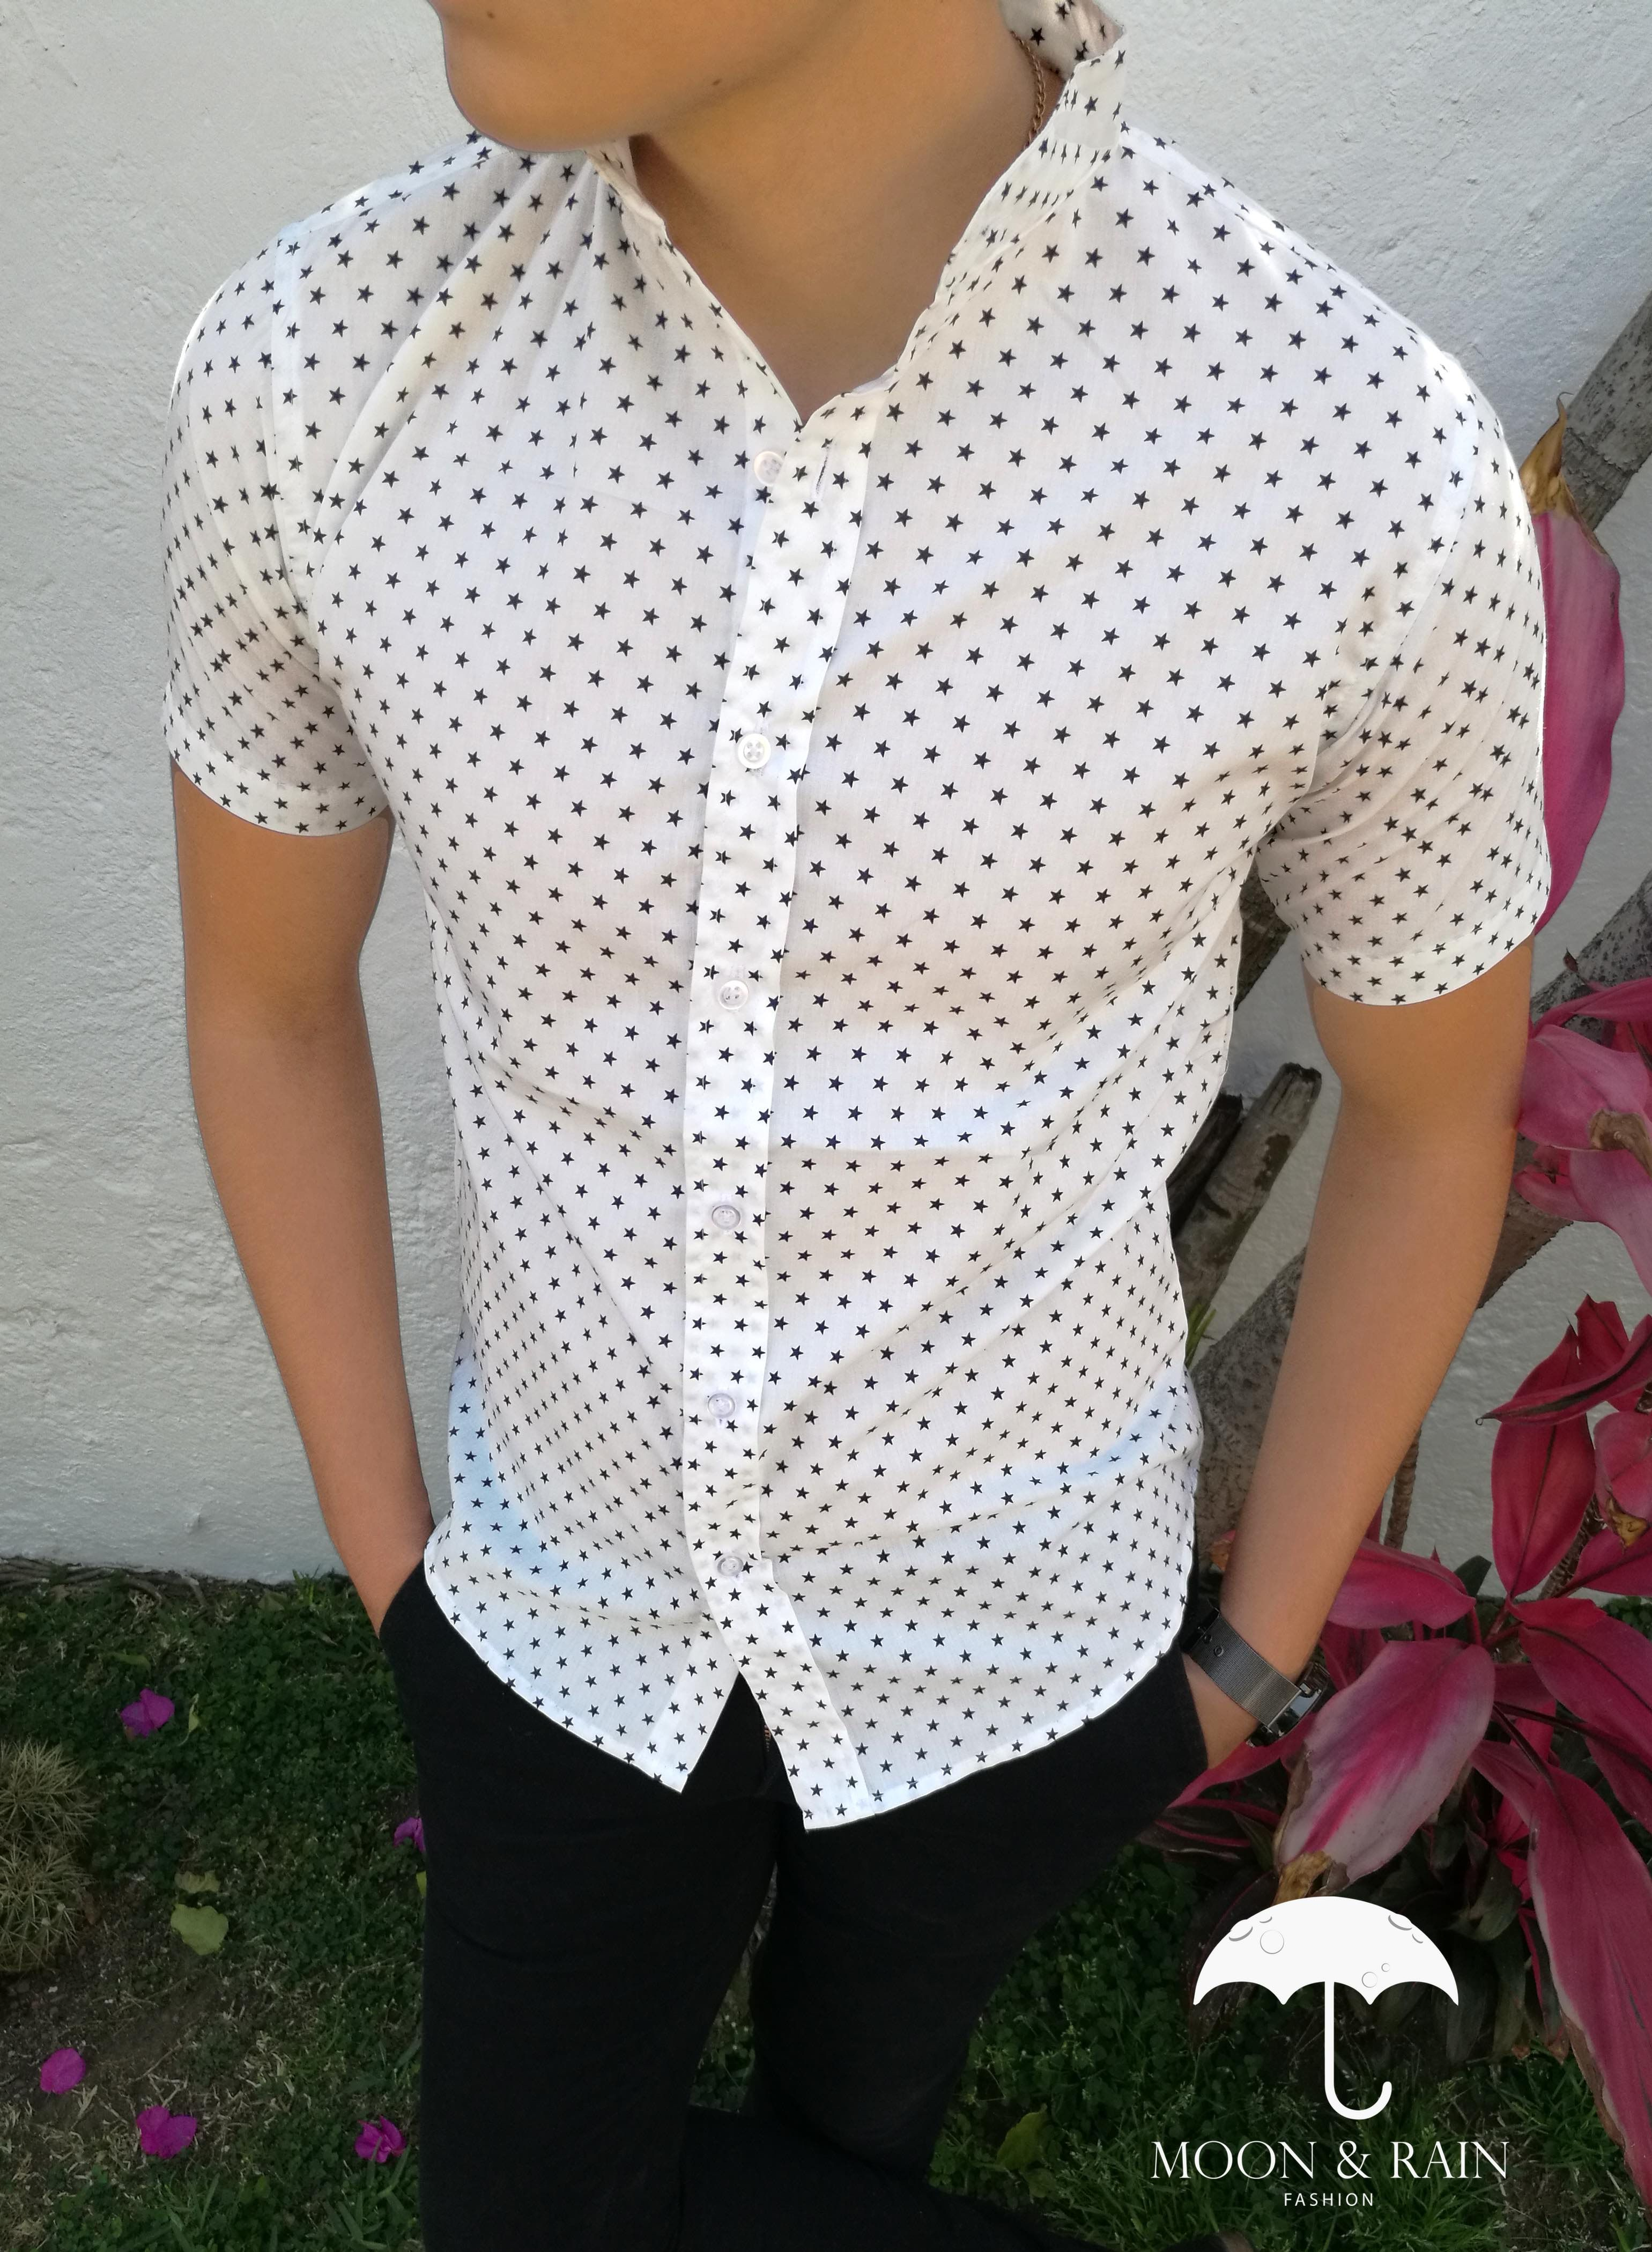 fe3b326690 Camisa blanca estampada manga corta para hombre exclusiva de la marca Moon    Rain en México.